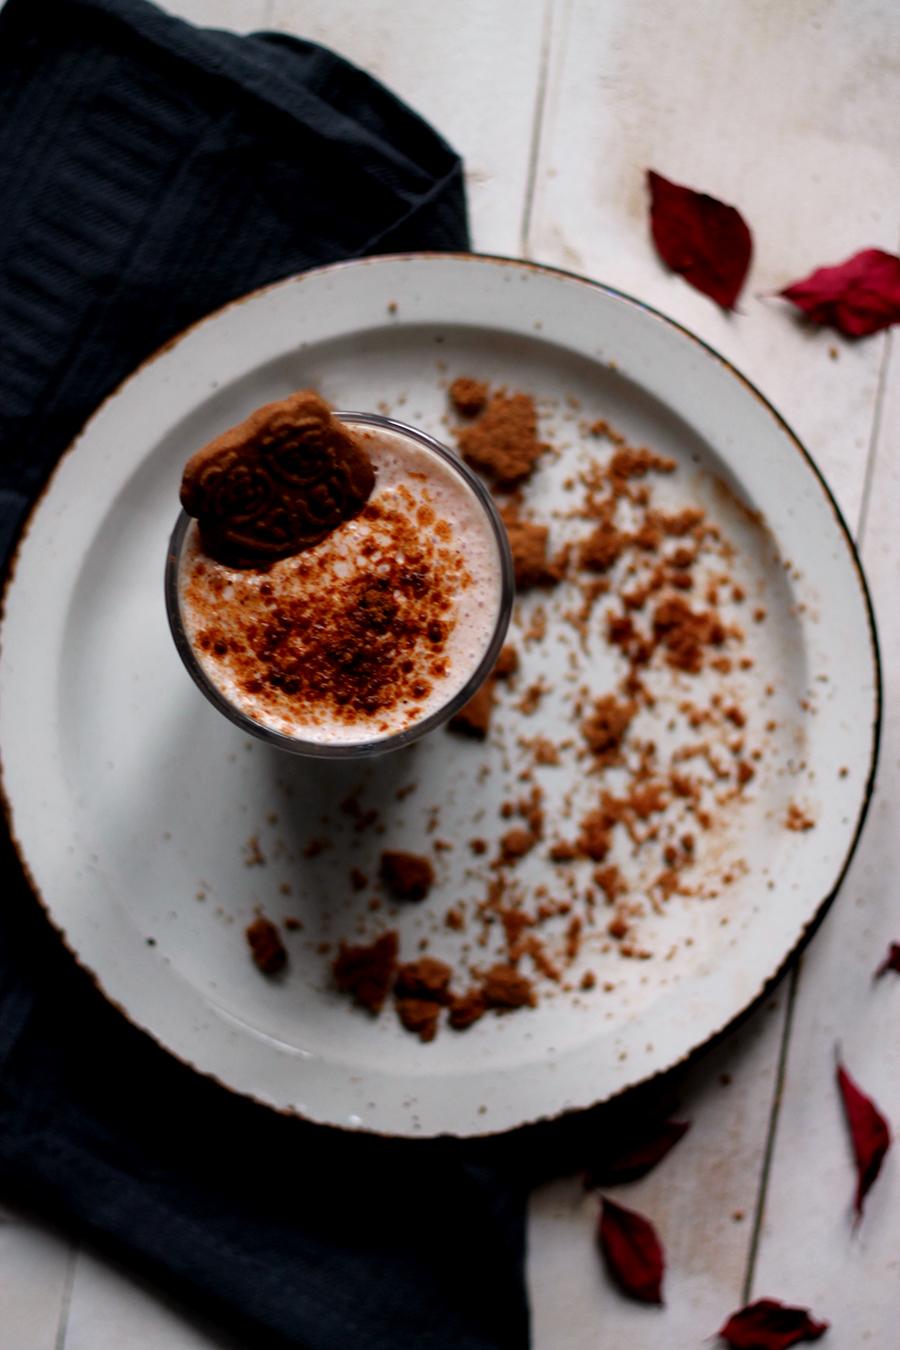 Stoofperen smoothie met speculaaskruiden, speculaas, stoofperen, herfstrecept